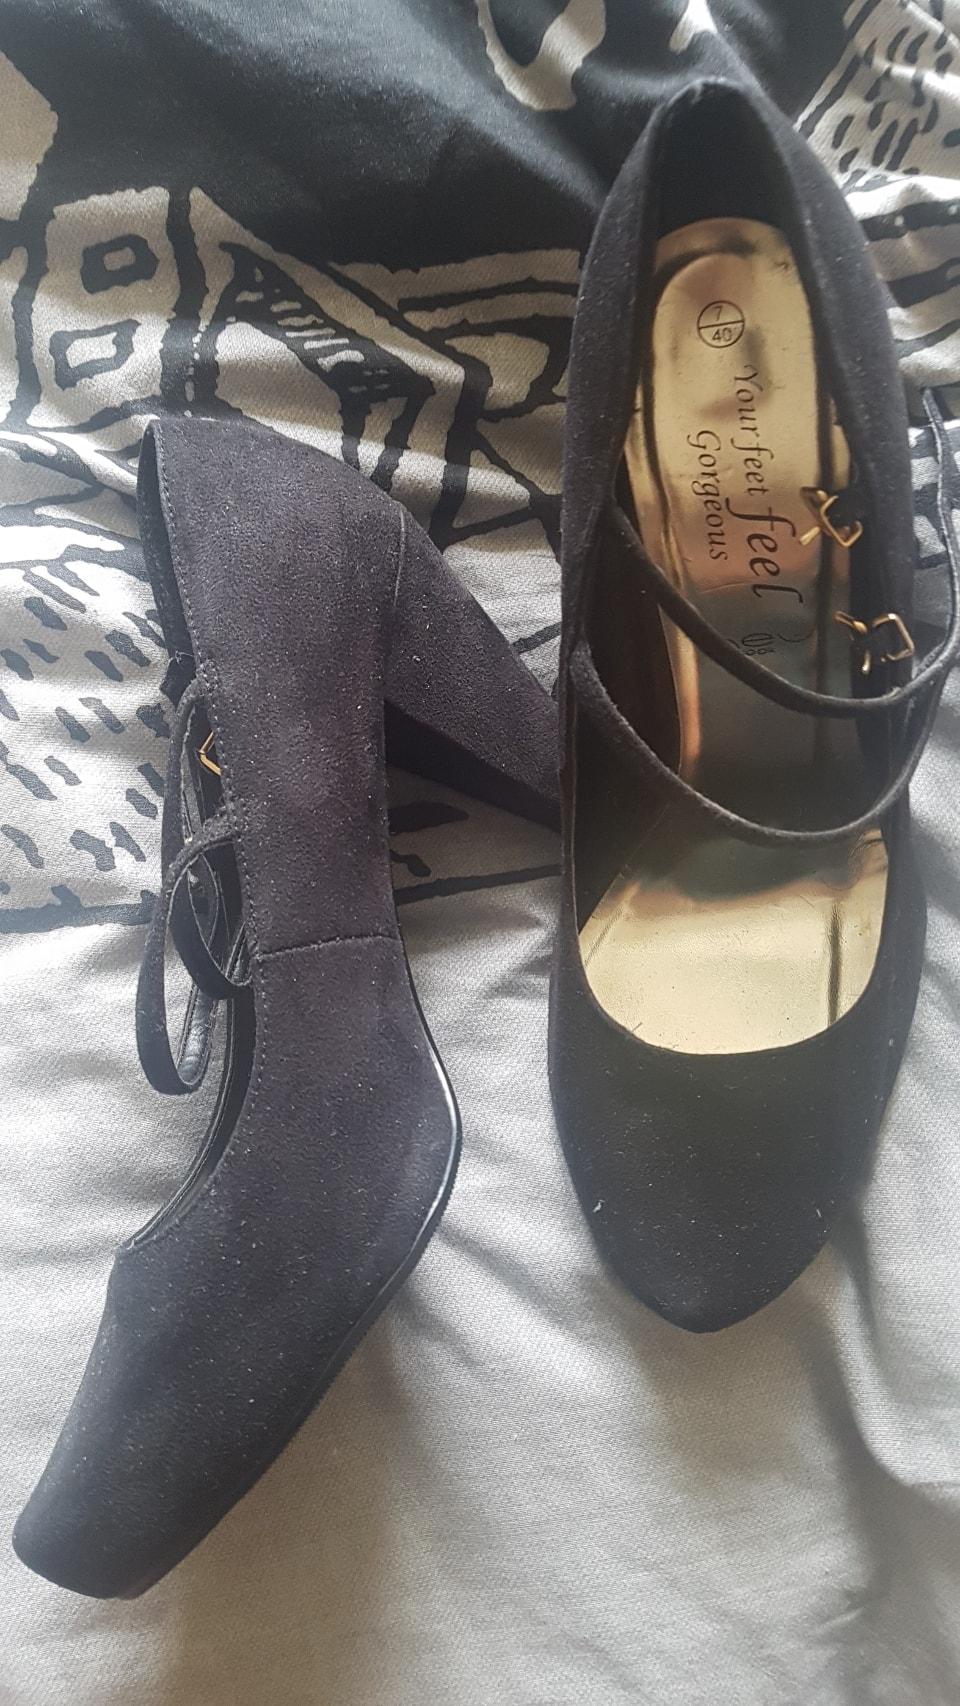 New Look Black High Heel Shoes UK7